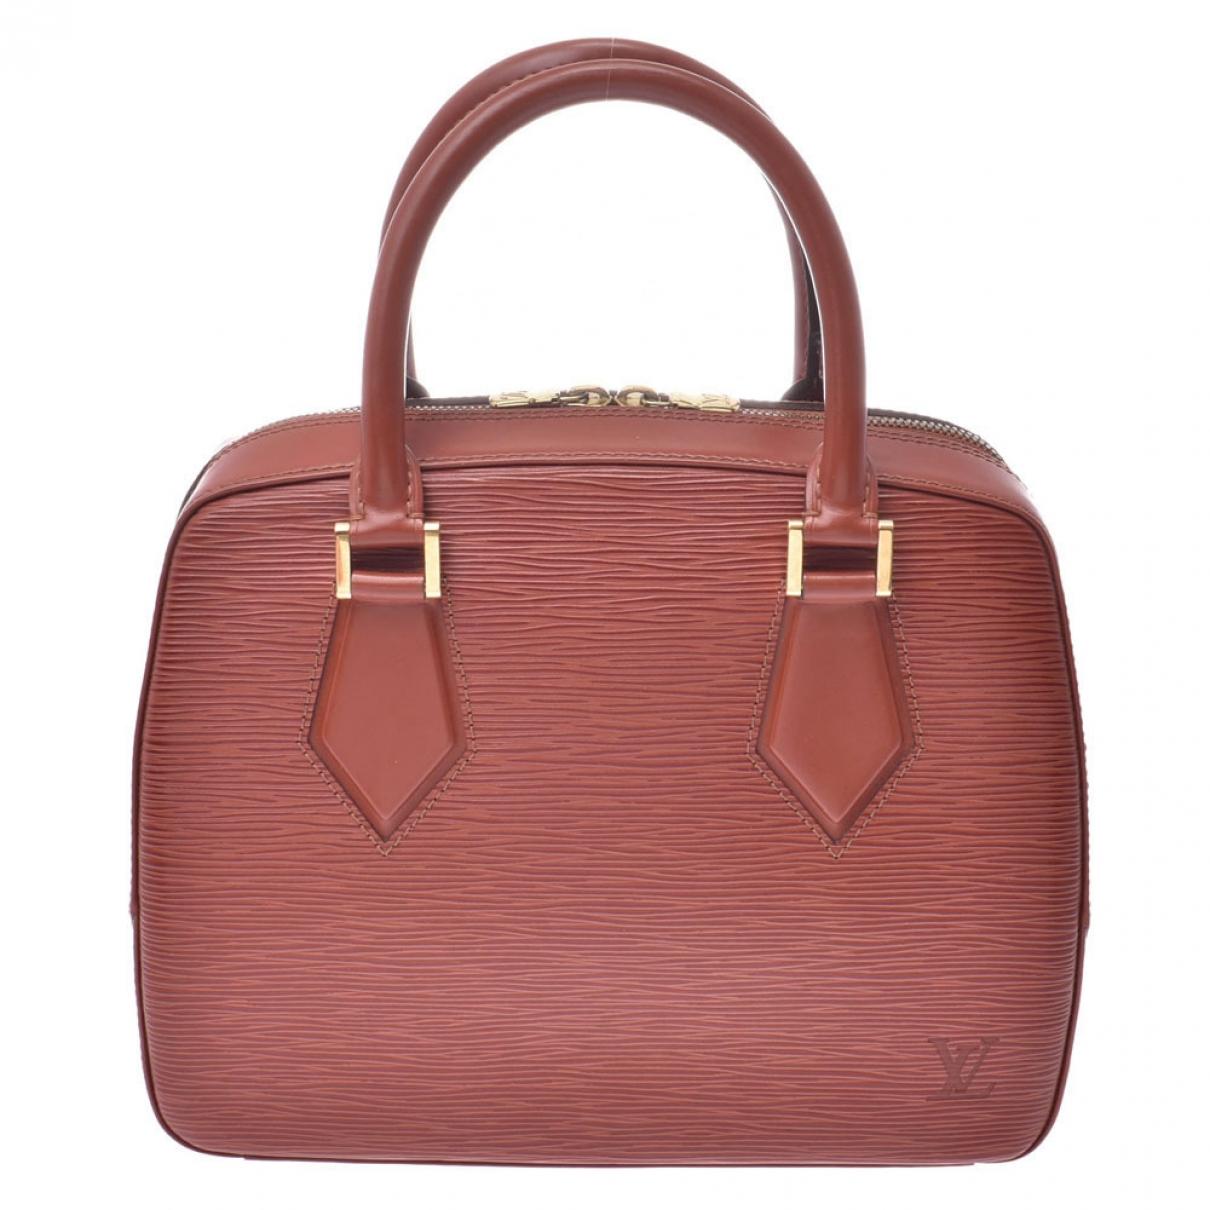 Louis Vuitton - Sac a main Sablon pour femme en cuir - marron